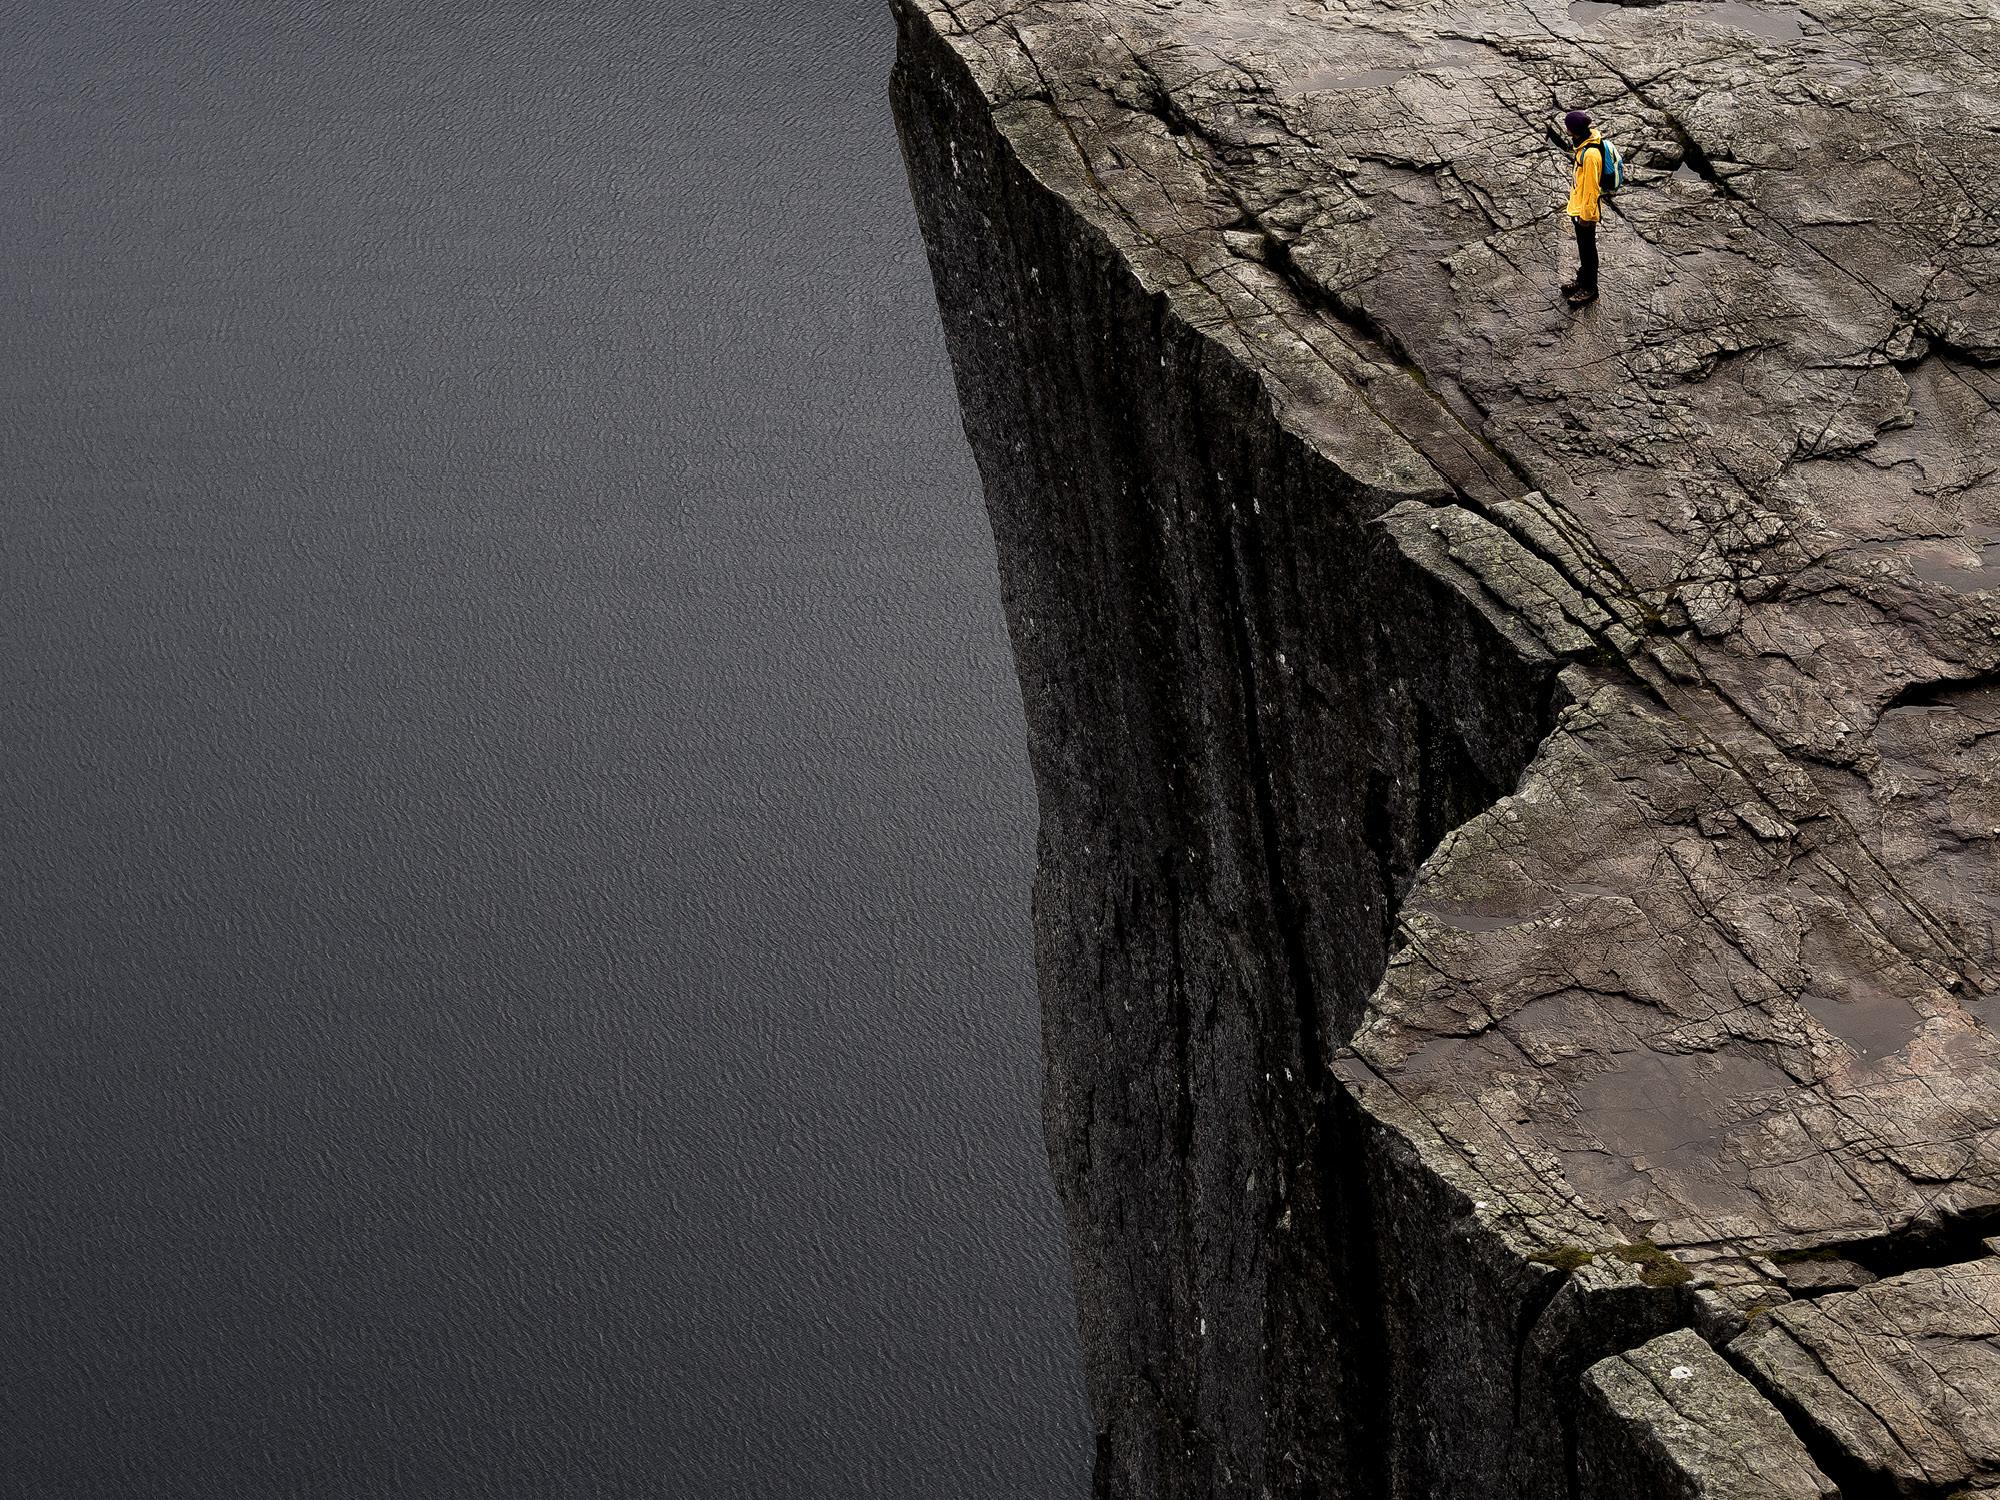 Maegan_Brown_Norway_10.jpg